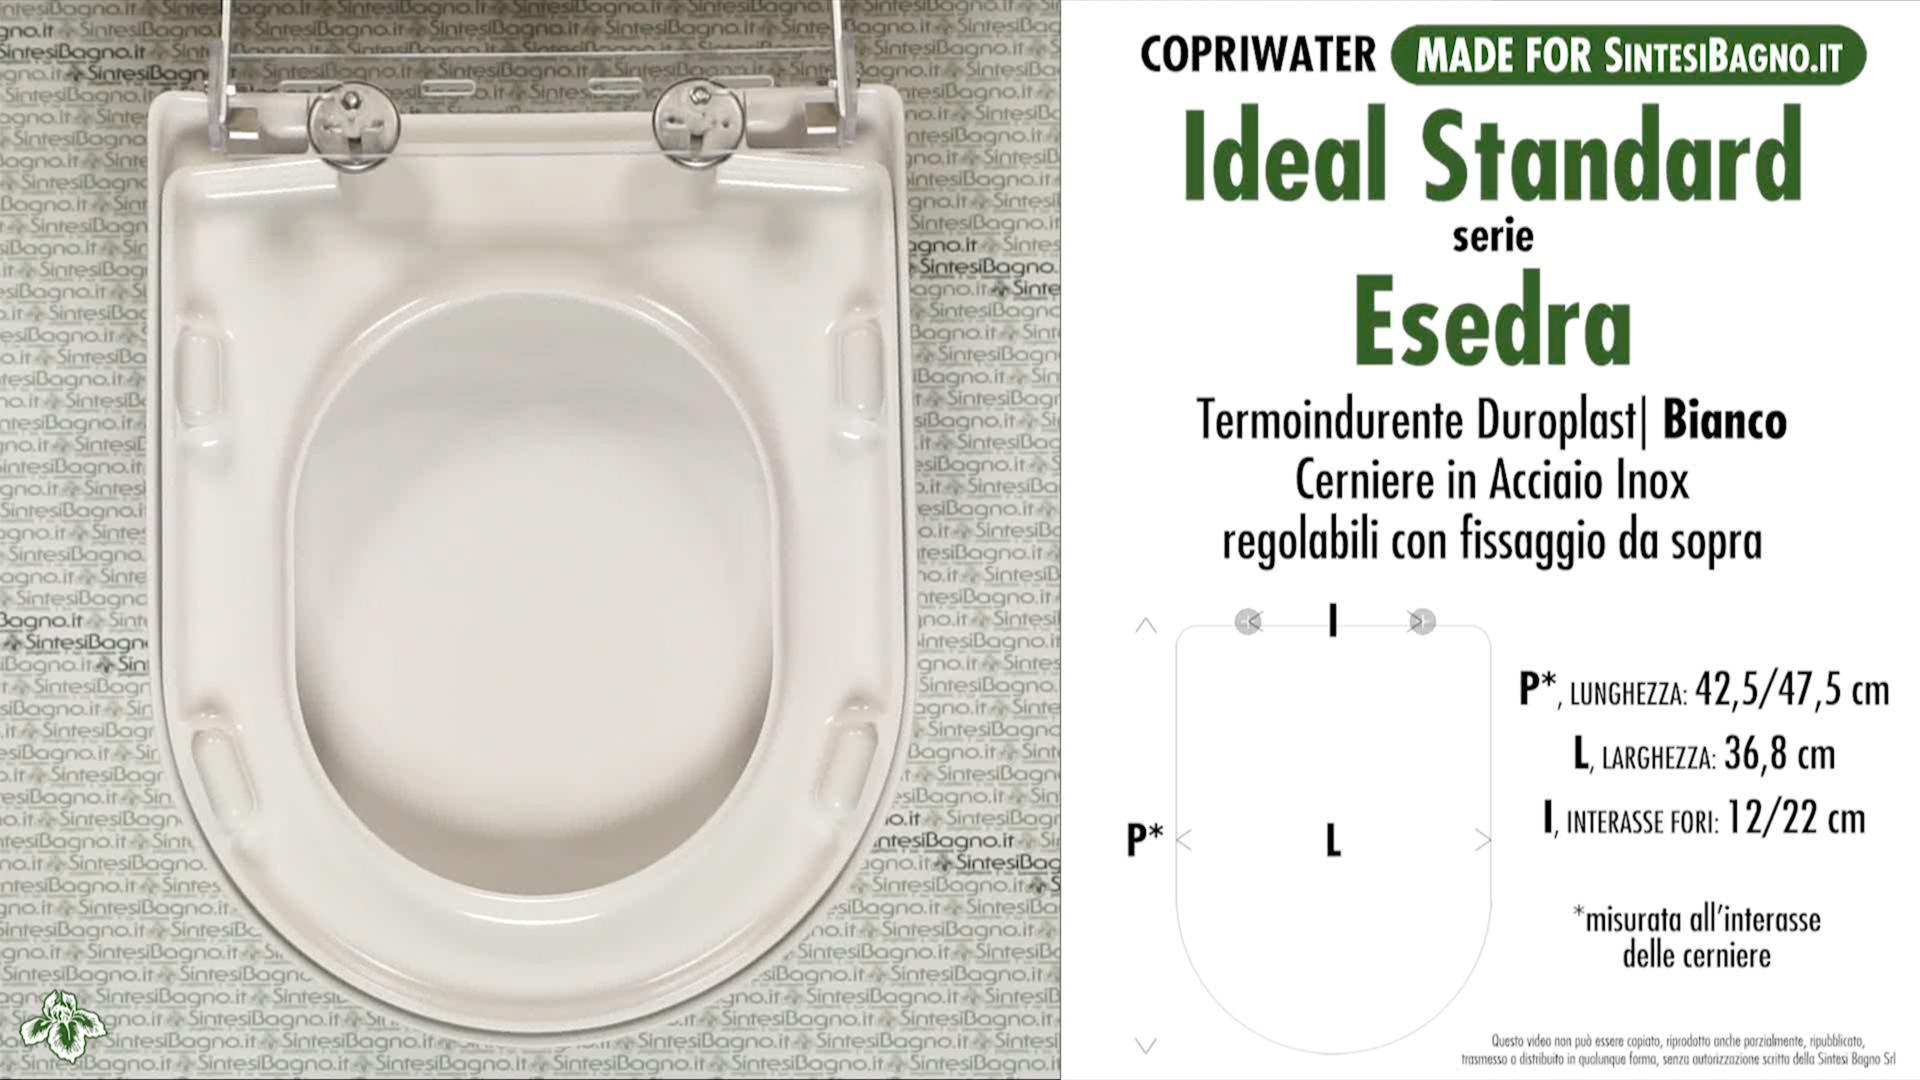 Copriwater Per Wc Esedra Ideal Standard Ricambio Dedicato Duroplast Sintesibagno Shop Online